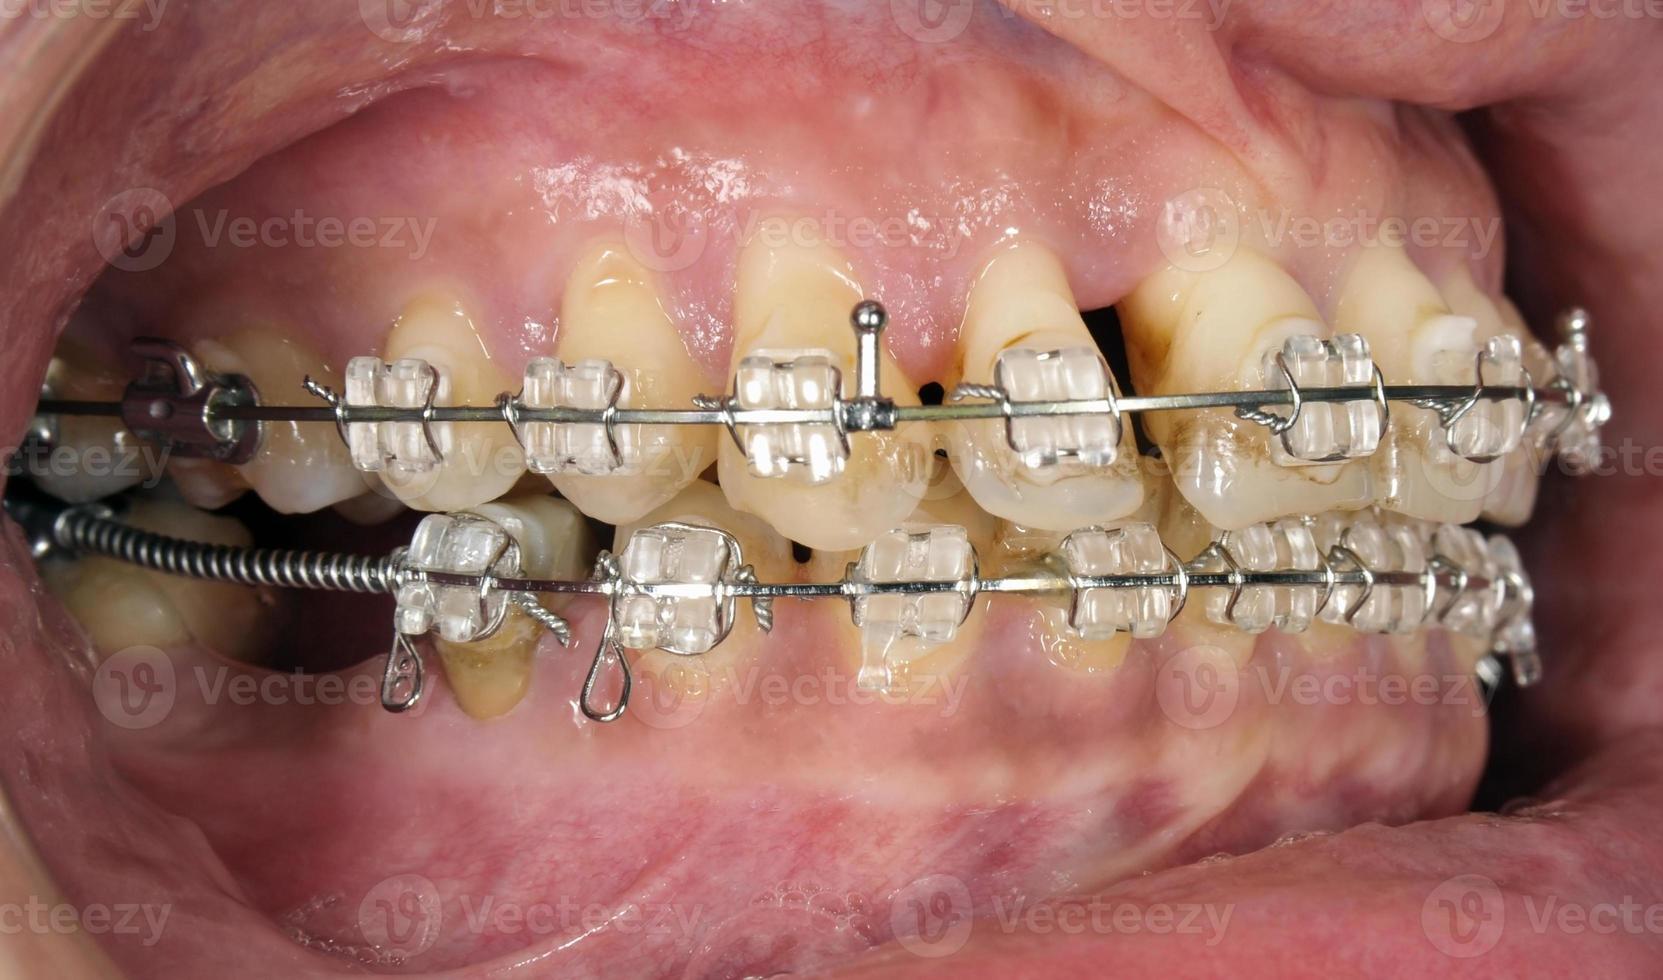 tratamiento de ortodoncia con recesión gingival foto